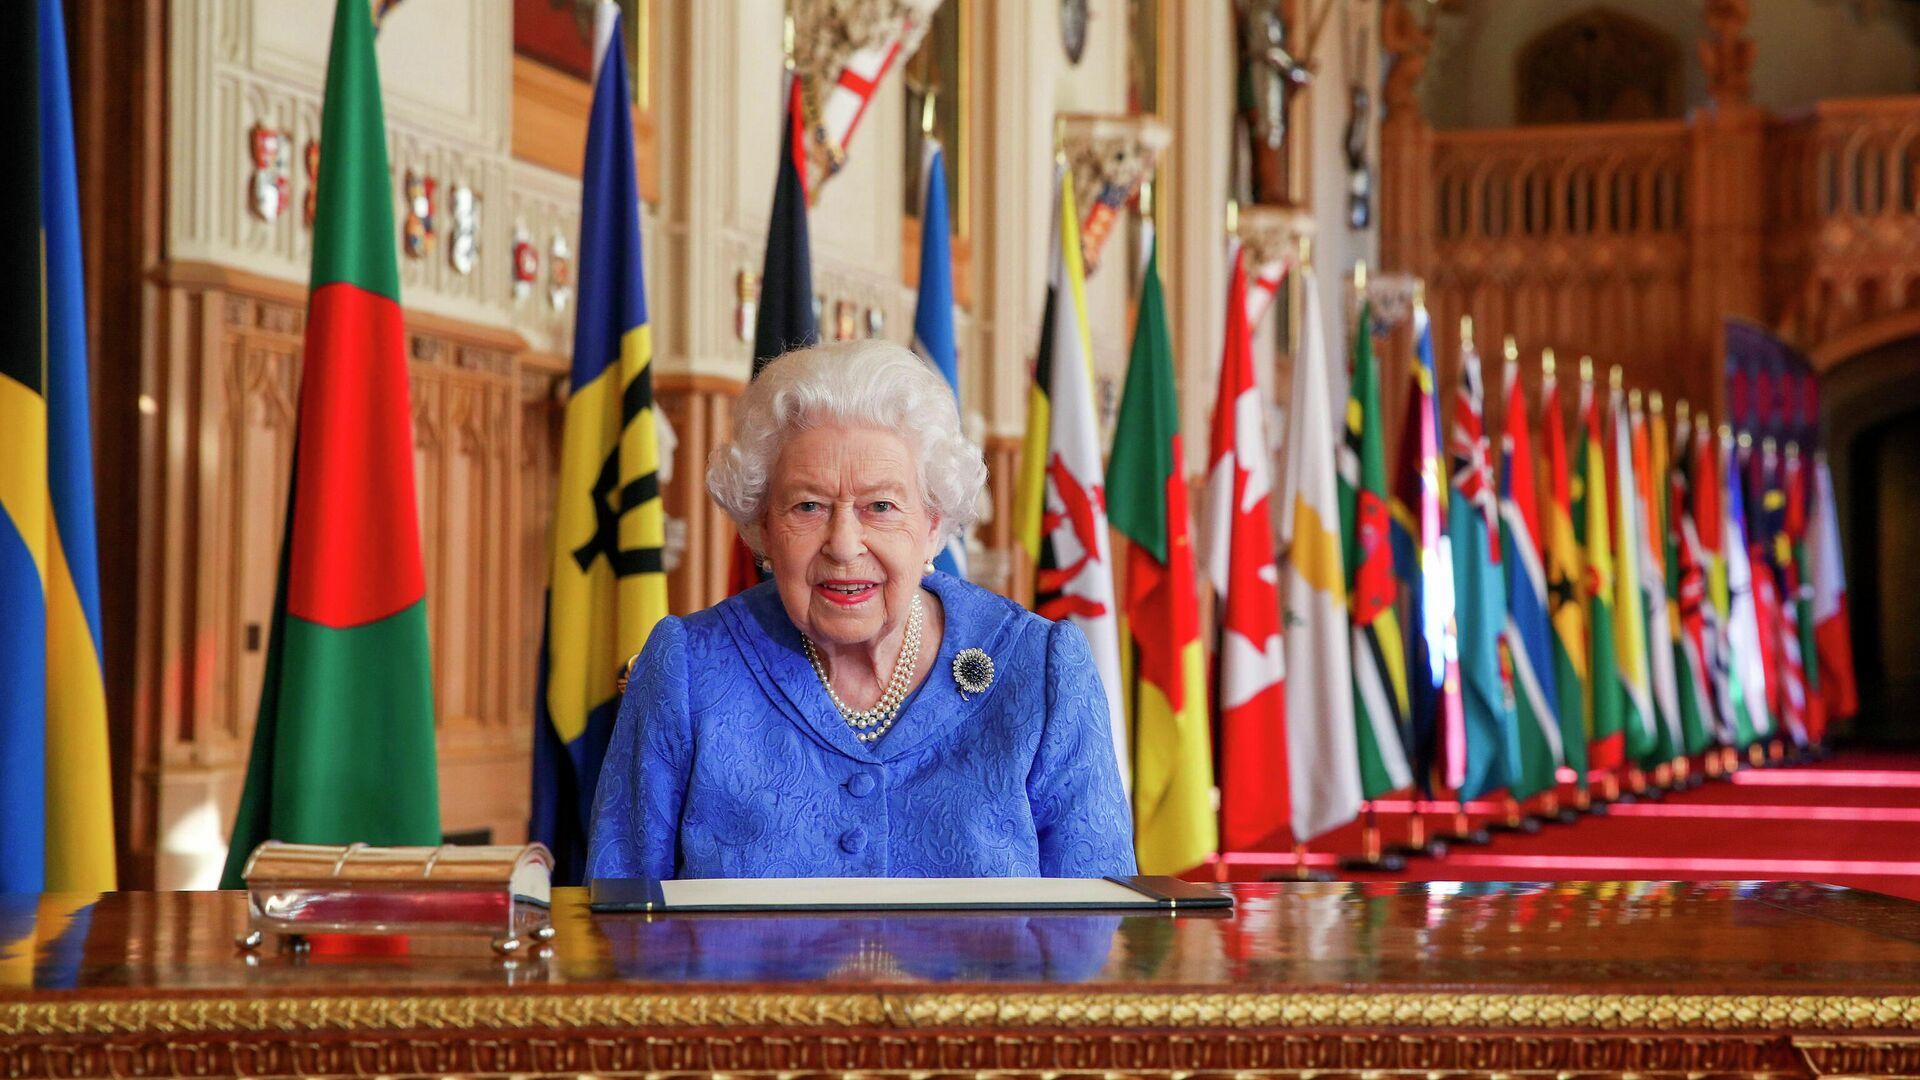 Королева Великобритании Елизавета II в Георгиевском зале Виндзорского замка - РИА Новости, 1920, 18.07.2021